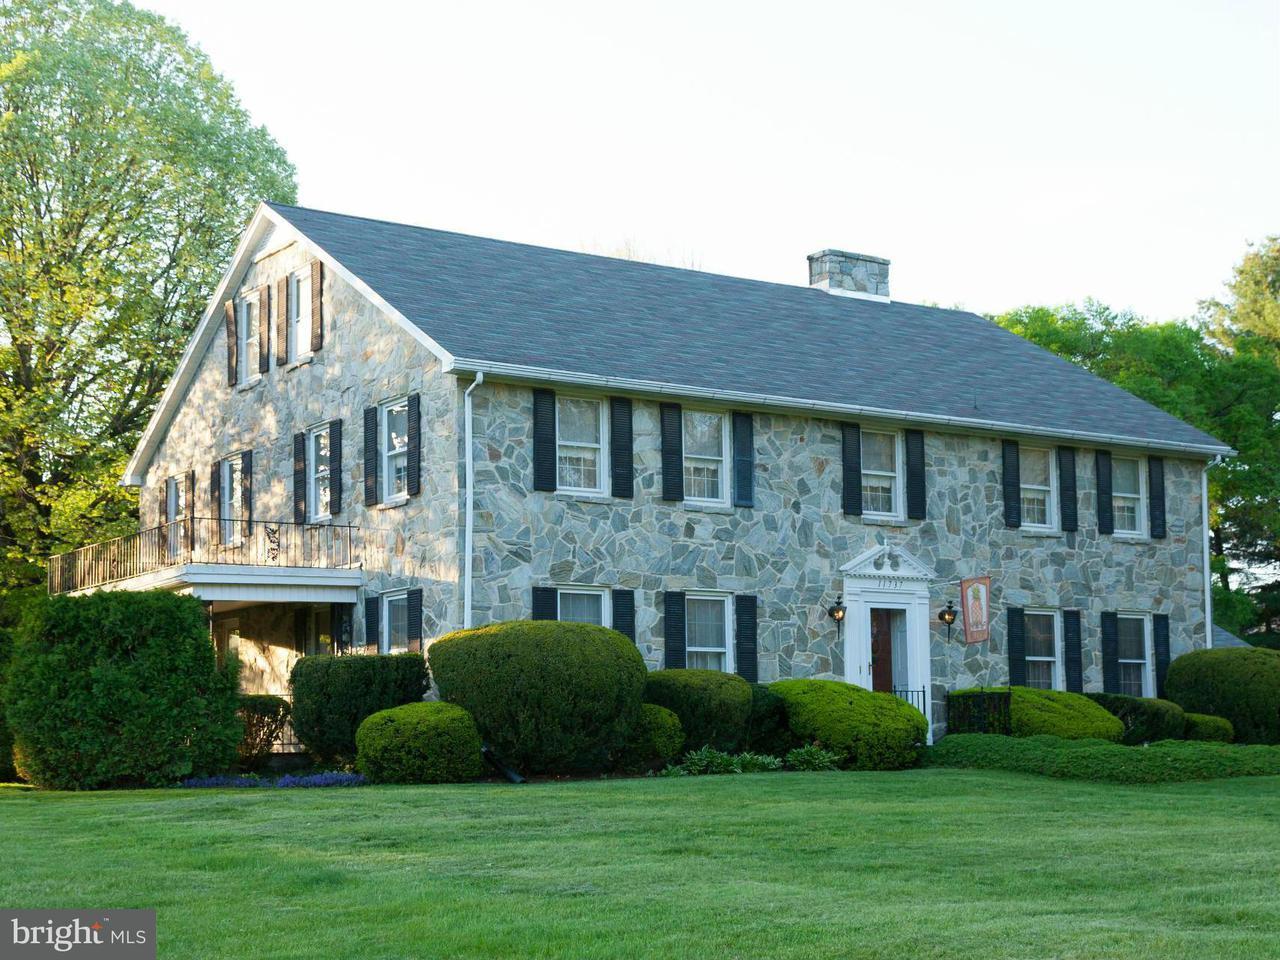 Μονοκατοικία για την Πώληση στο 11737 Country Club Road 11737 Country Club Road Waynesboro, Πενσιλβανια 17268 Ηνωμενεσ Πολιτειεσ